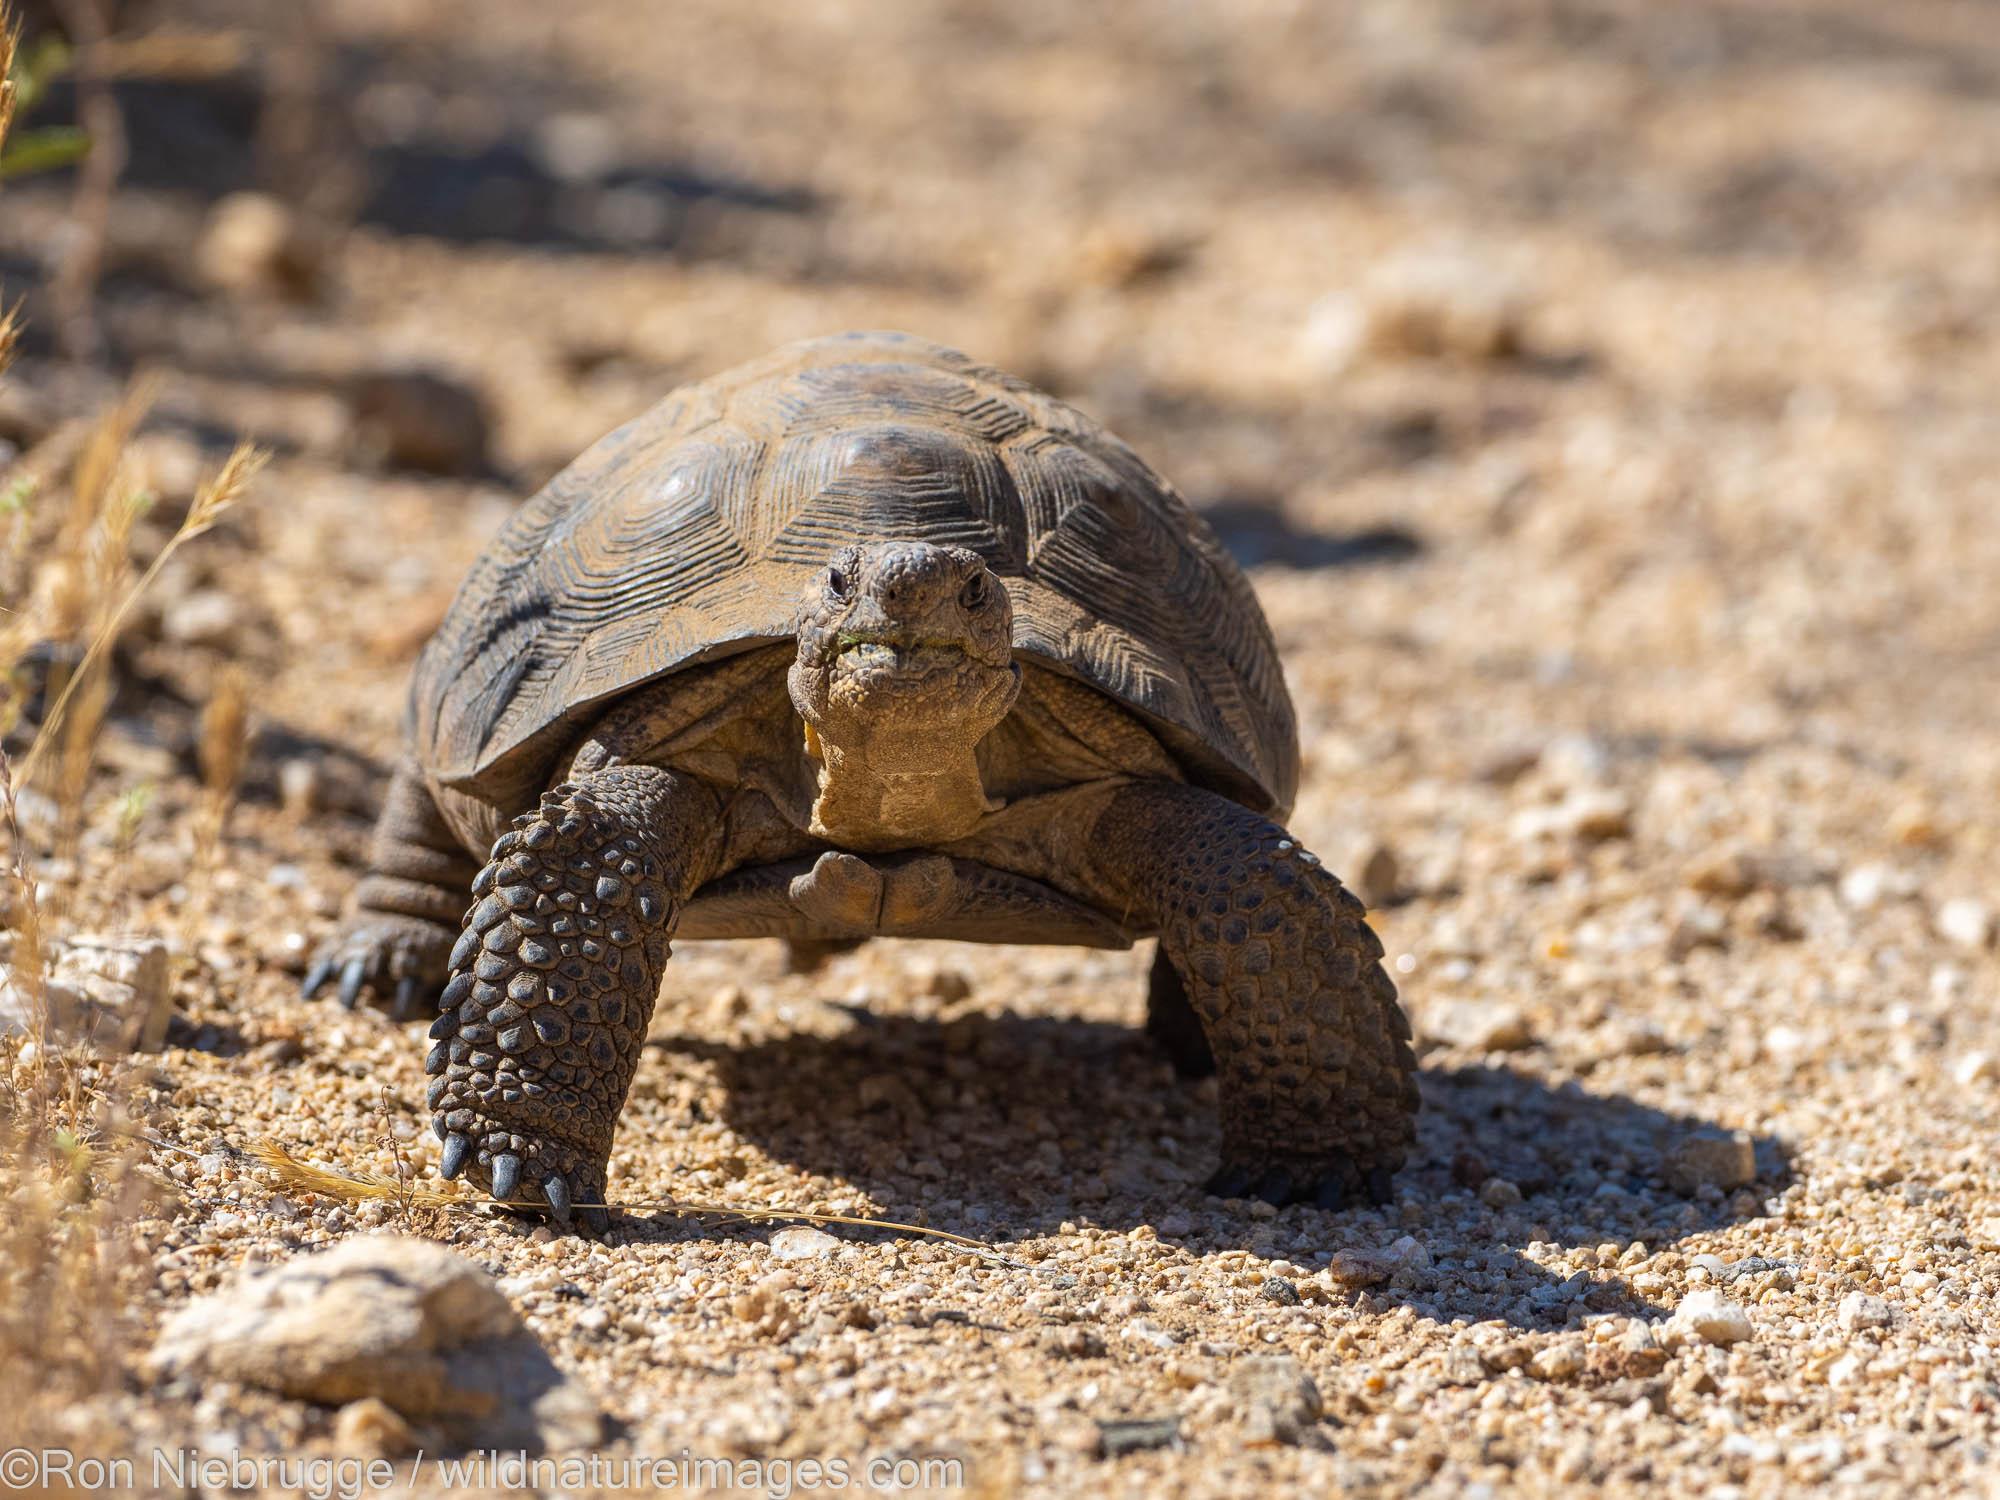 Sonoran Desert Tortoise, Marana, near Tucson, Arizona.